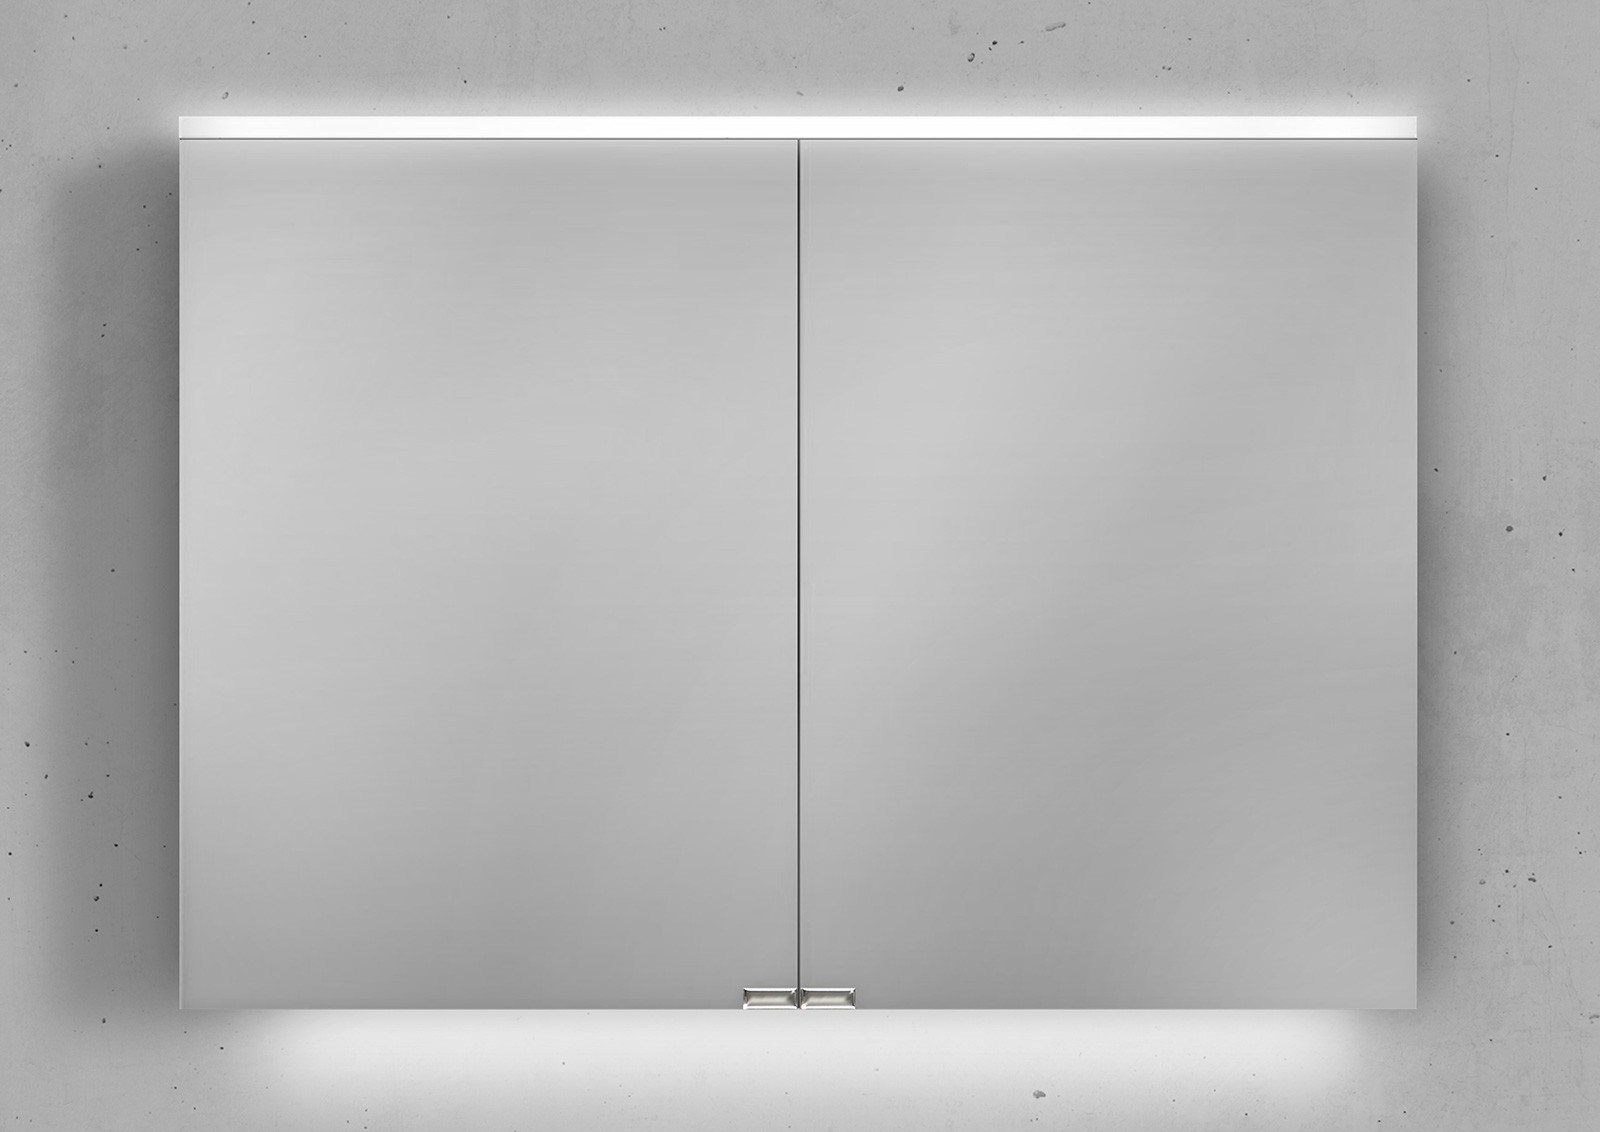 spiegelschrank 100 cm integrierte led beleuchtung doppelt verspiegelt. Black Bedroom Furniture Sets. Home Design Ideas